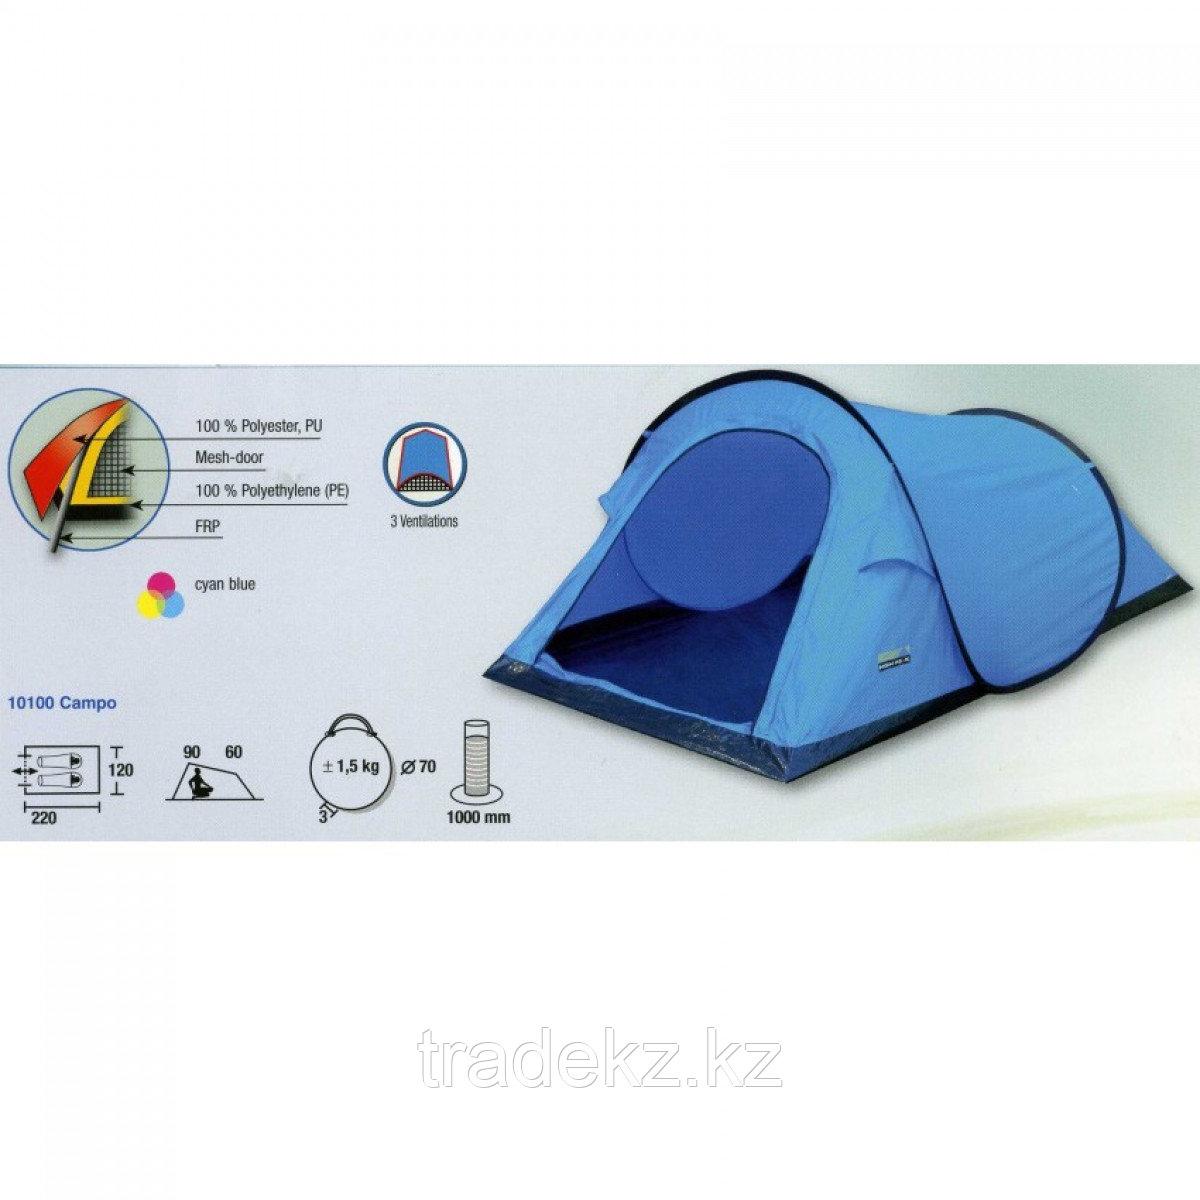 Палатка быстросборная HIGH PEAK CAMPO 2 цвет синий